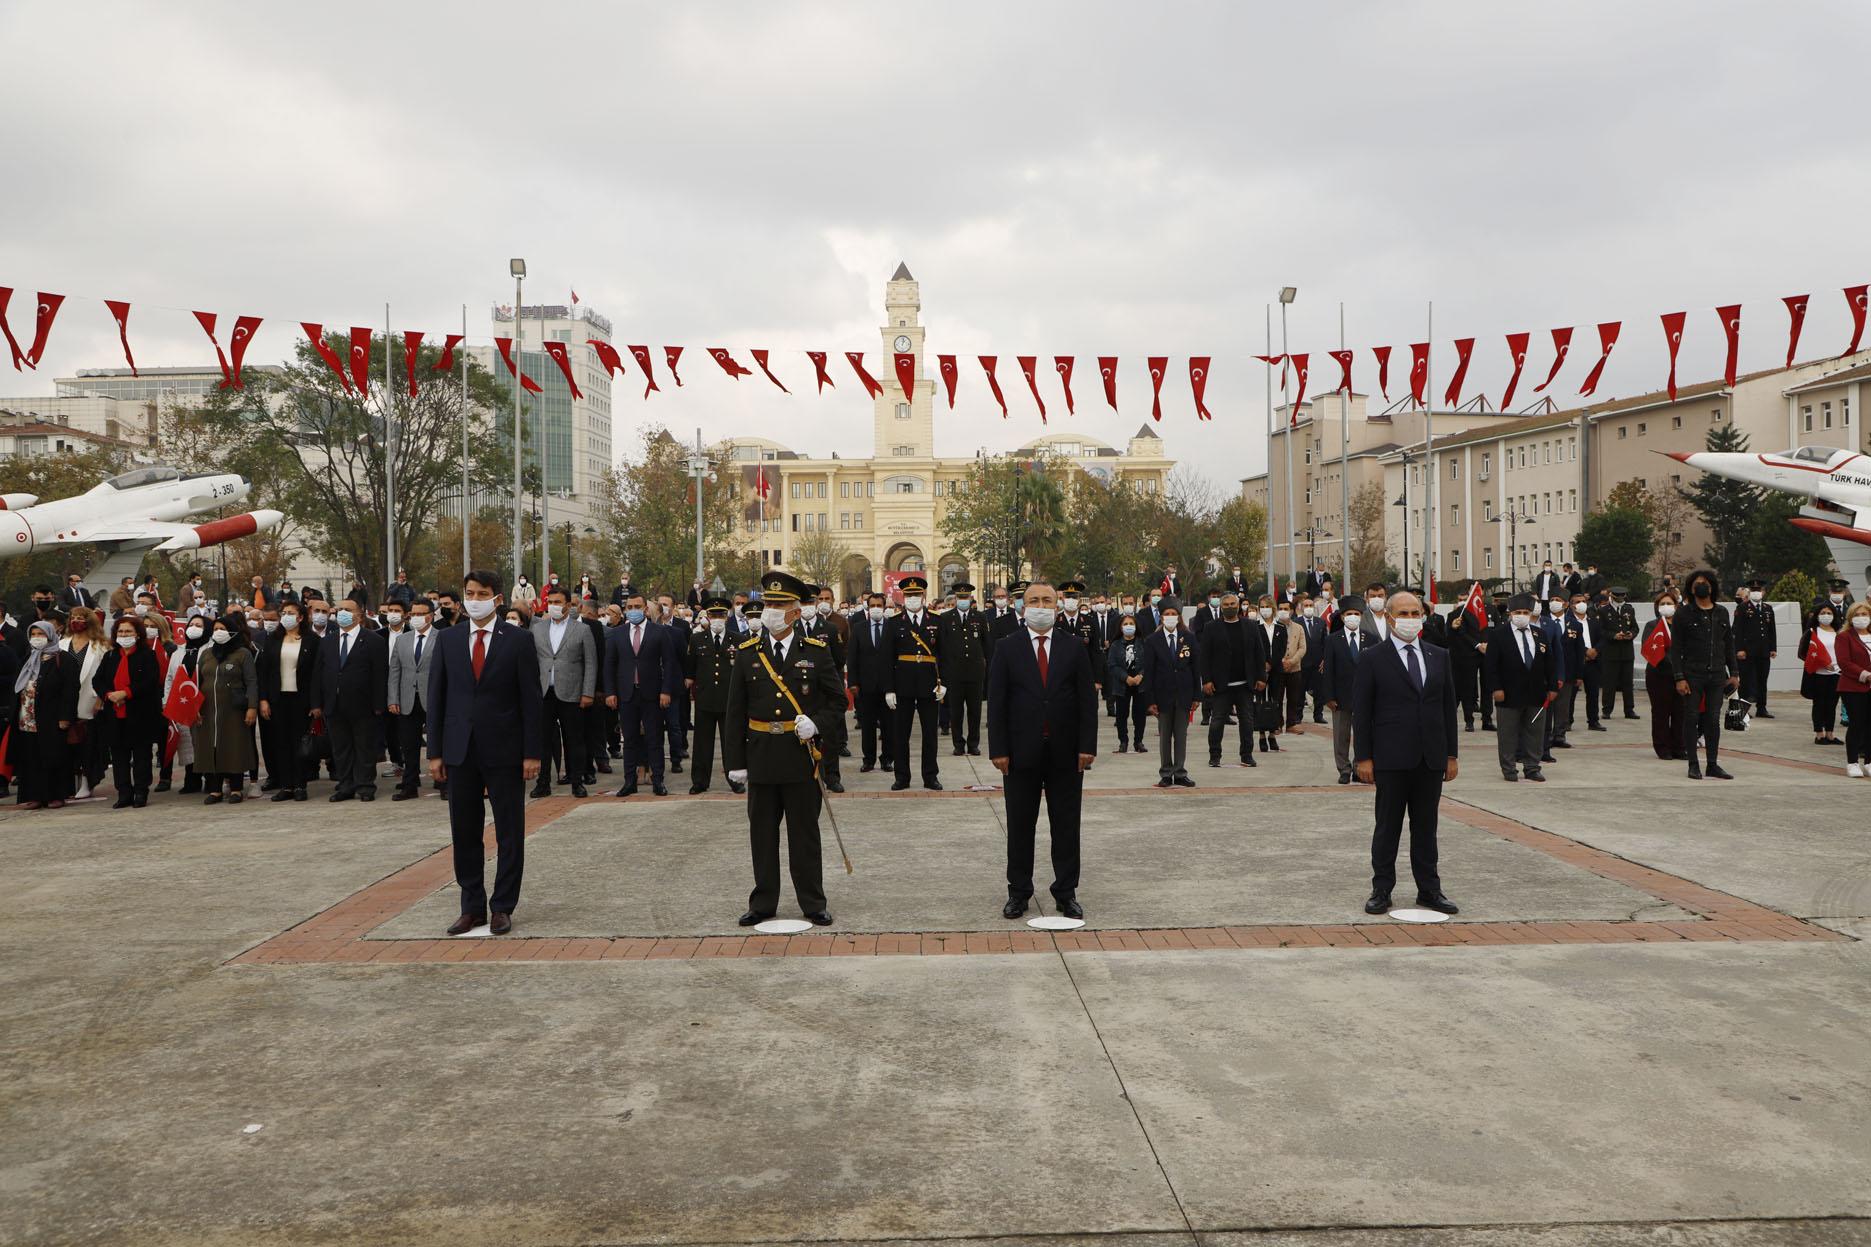 BÜYÜKÇEKMECE'DE CUMHURİYET'İN 97'İNCİ YIL KUTLAMALARINA İLGİ YOĞUN OLDU